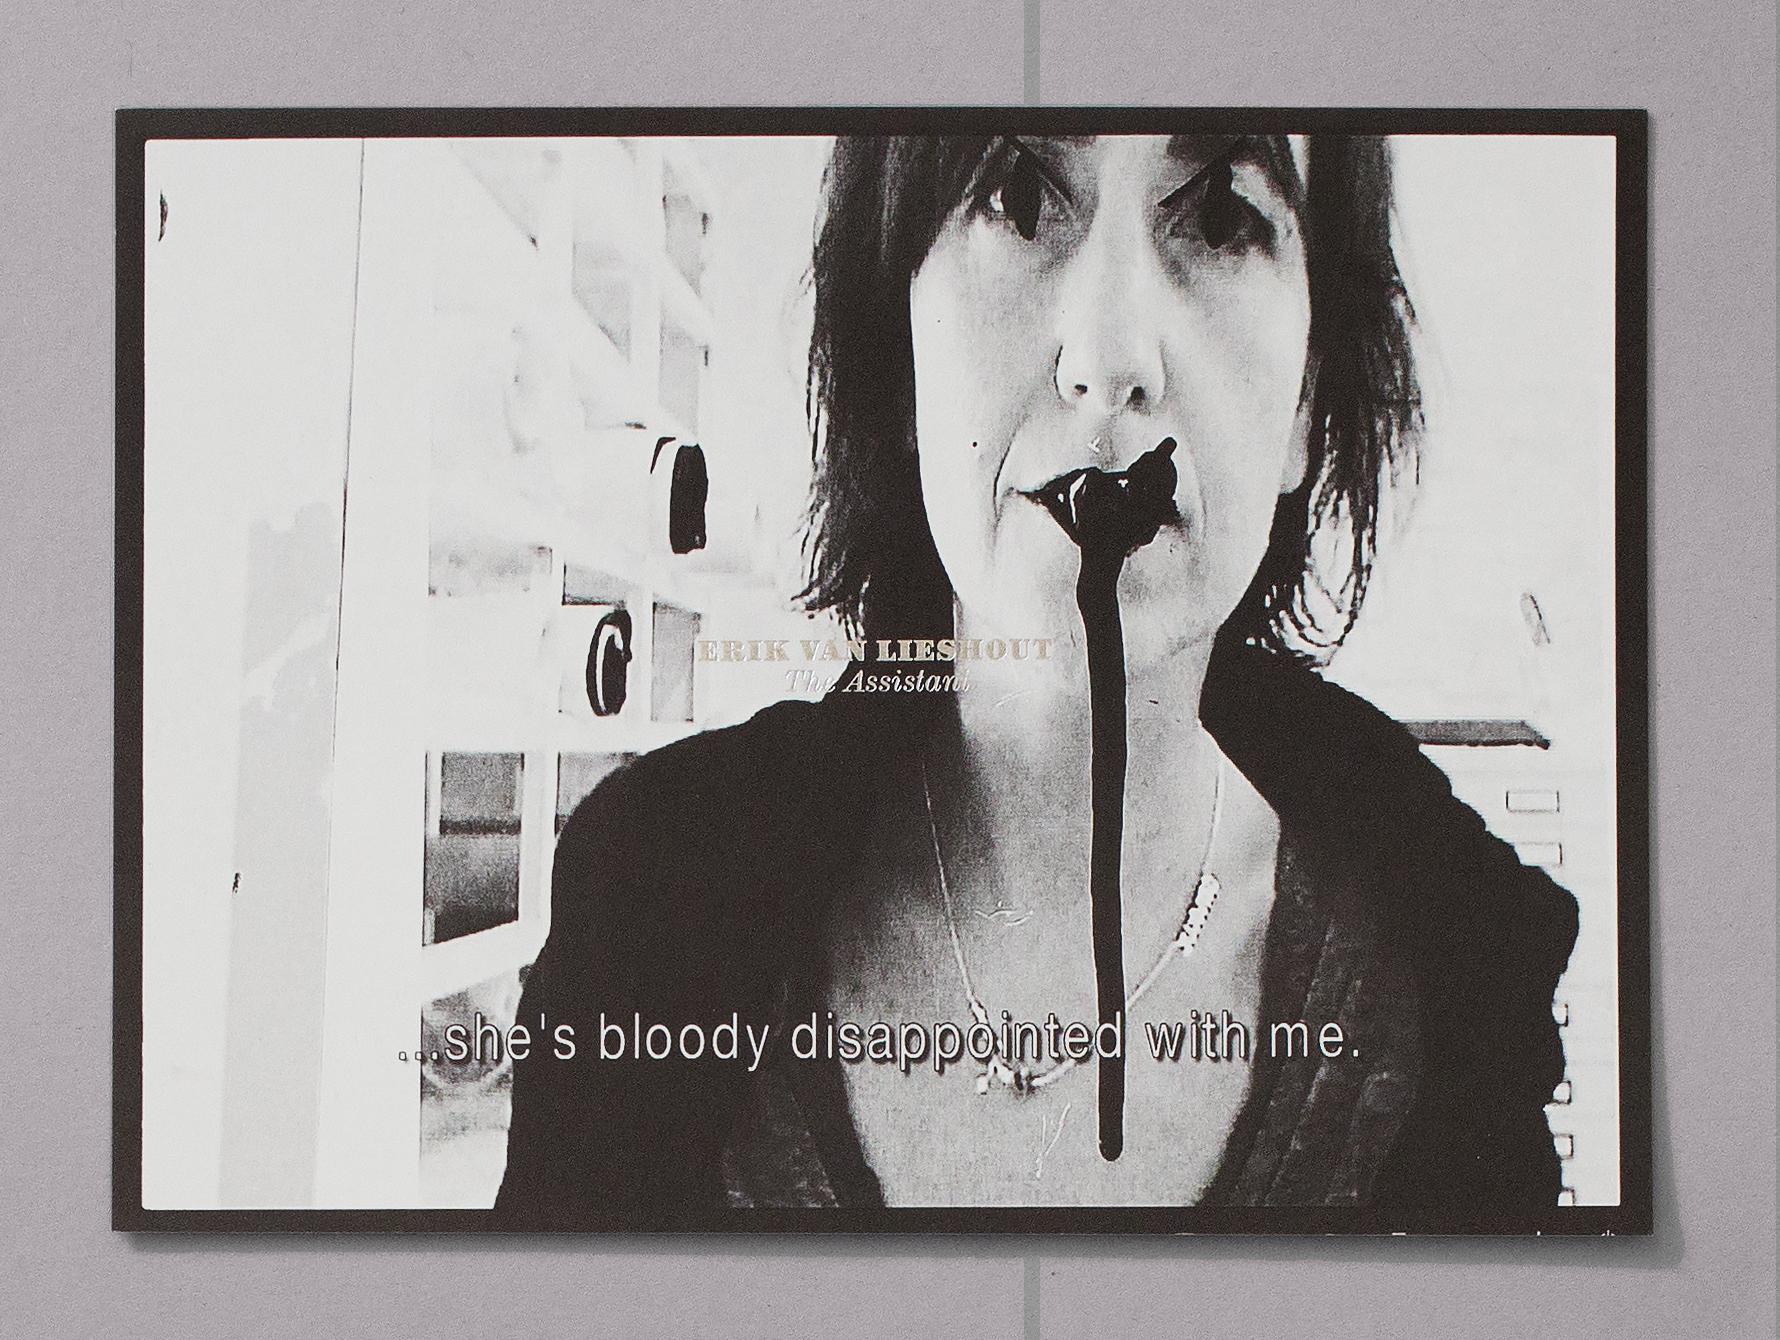 Carton d'invitation pour une exposition de Erik van Lieshout au CEC. L'image tirée de l'une des vidéos présentées.